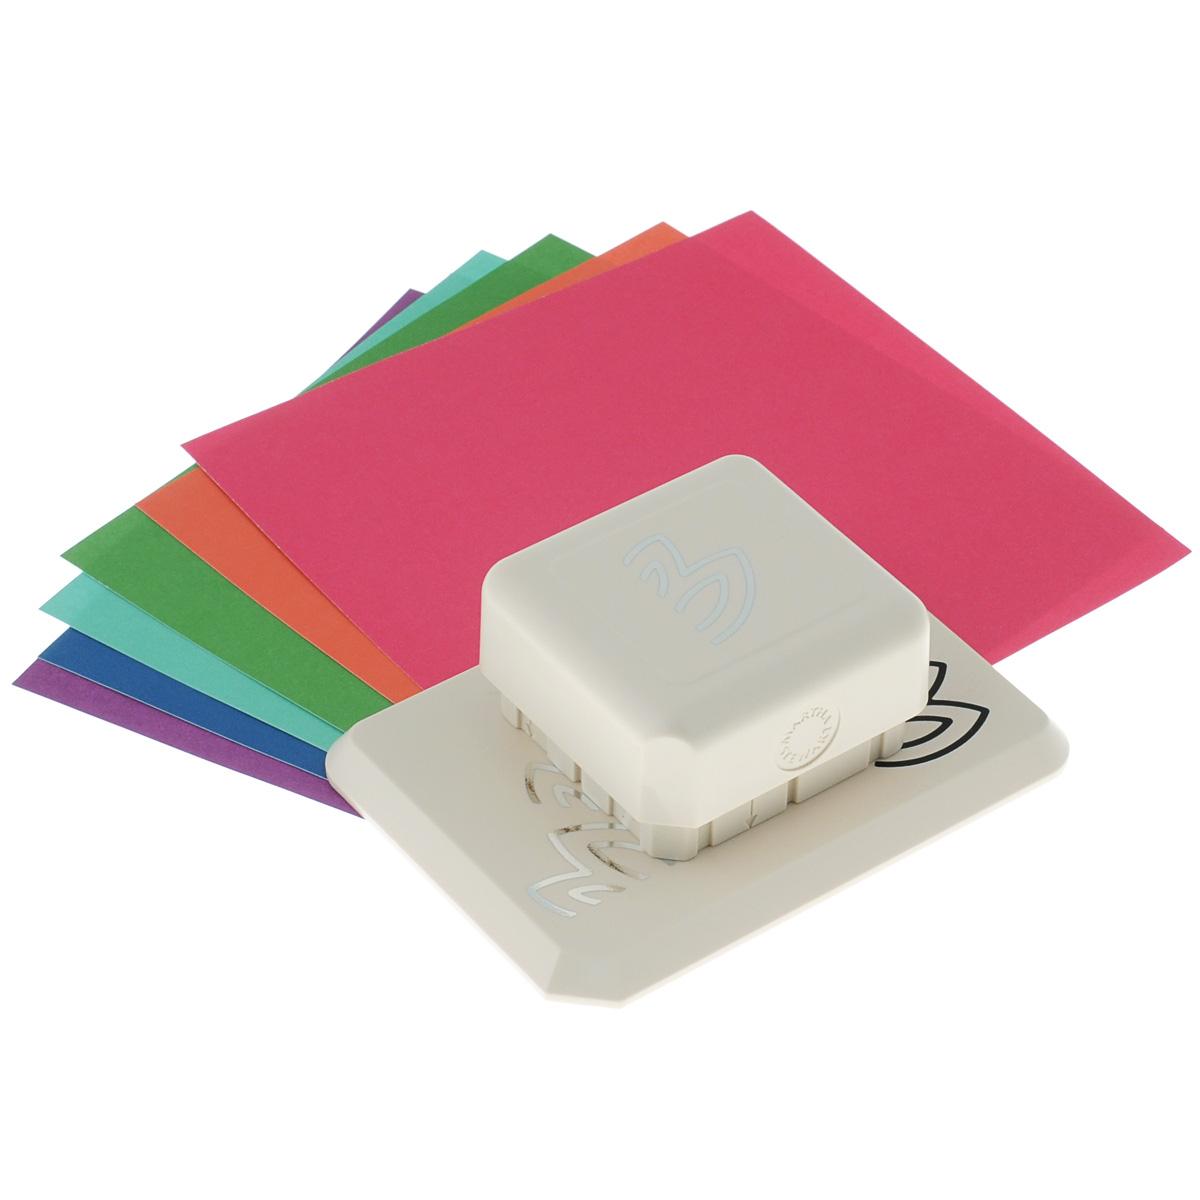 Фигурный дырокол Martha Stewart Лепестки для создания объемных украшенийEKS-42-95004Фигурный дырокол Martha Stewart Лепестки используется для создания объемных украшений в скрапбукинге для оформления подарков, при создании открыток, скрап-страниц, украшении фотоальбомов. Фигурный дырокол имеет базу на магнитной основе - можно создать рисунок в любом месте бумаги.Инструмент состоит из основы и фигурного дырокола. На ходовой части дырокола с торцов нанесены направляющие стрелки. В комплекте также имеются 6 листов разноцветного картона и подробная инструкция на русском языке.Порядок работы: положите лист бумаги на основу, присоедините дырокол к основе до притяжения магнитов, сделайте вырубку, сдвиньте лист до совпадения вырубки с рисунком на основе, сделайте следующую вырубку. После вырубки всего дизайна отогните вырубленные части и загните их под края предыдущих секций.Виды вырубки: круг 9 см, круг 15 см, вырубка по прямой. Сделайте подложку для листа с вырубкой для наибольшего эффекта.Размер инструмента: 12,5 см х 9 см х 5 см.